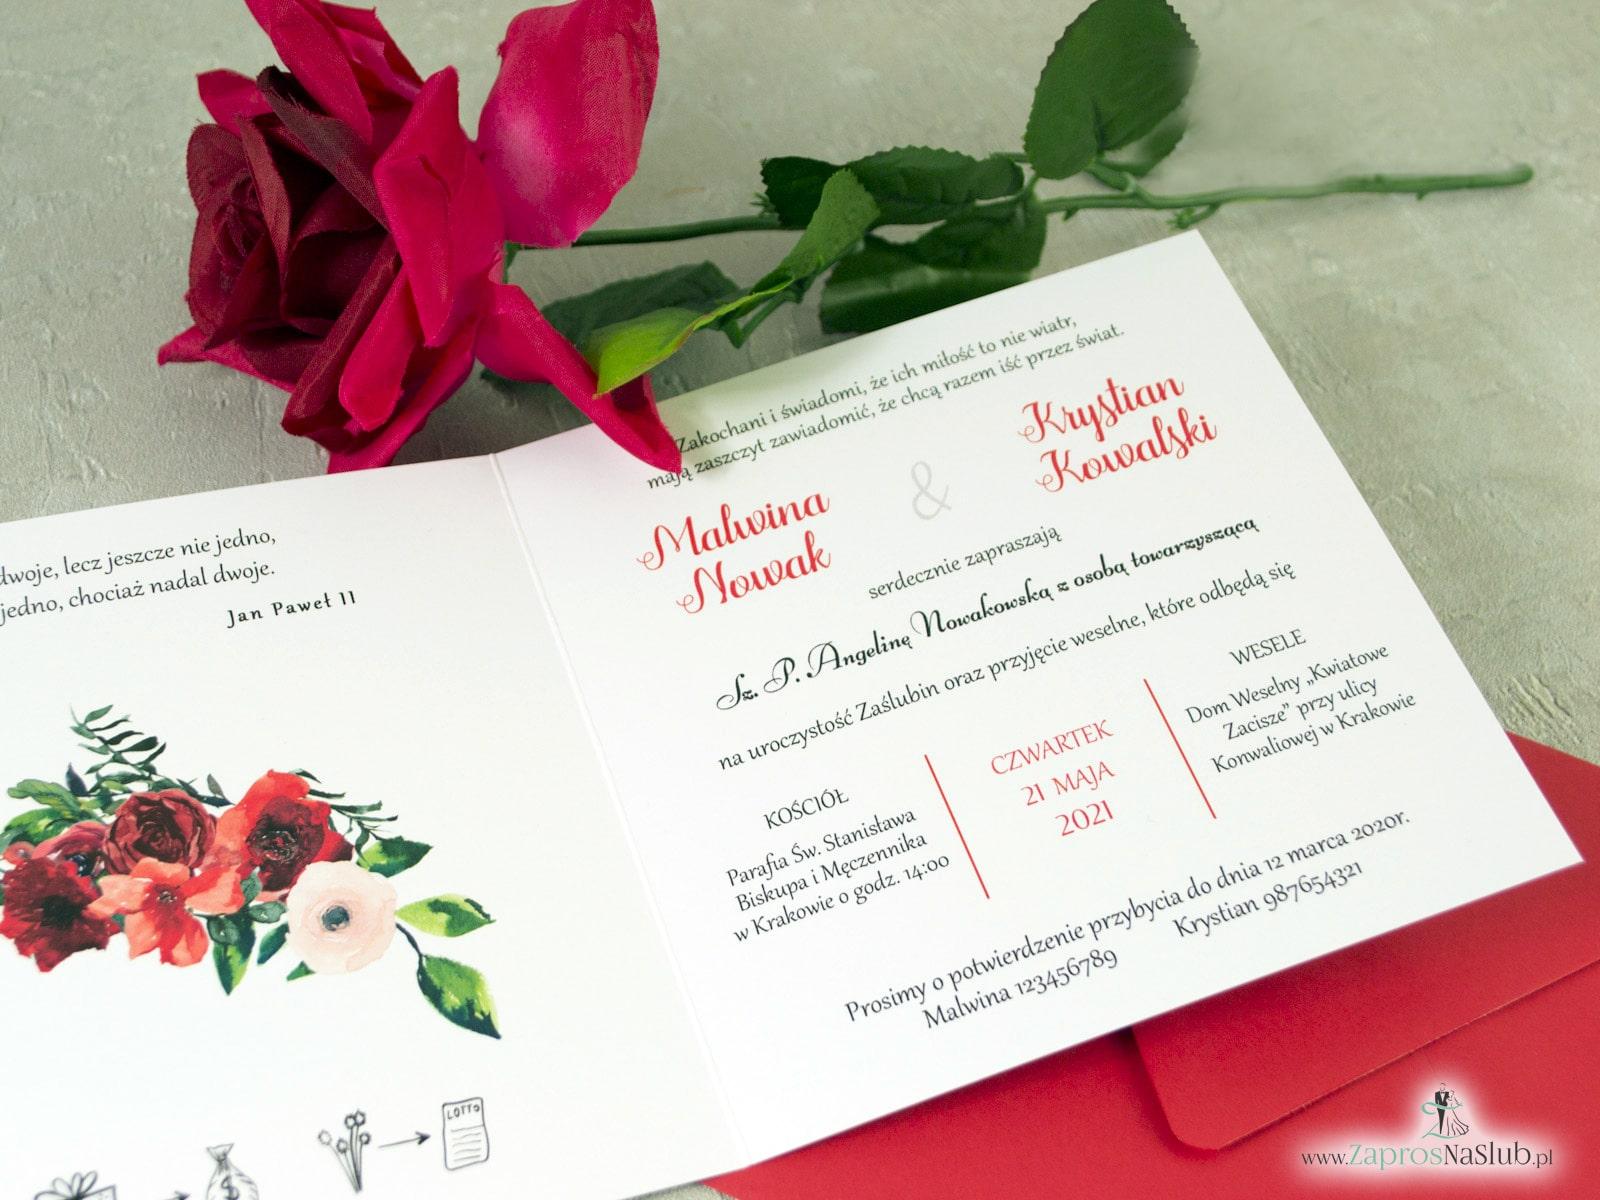 Zaproszenia ślubne - ZaprosNaSlub